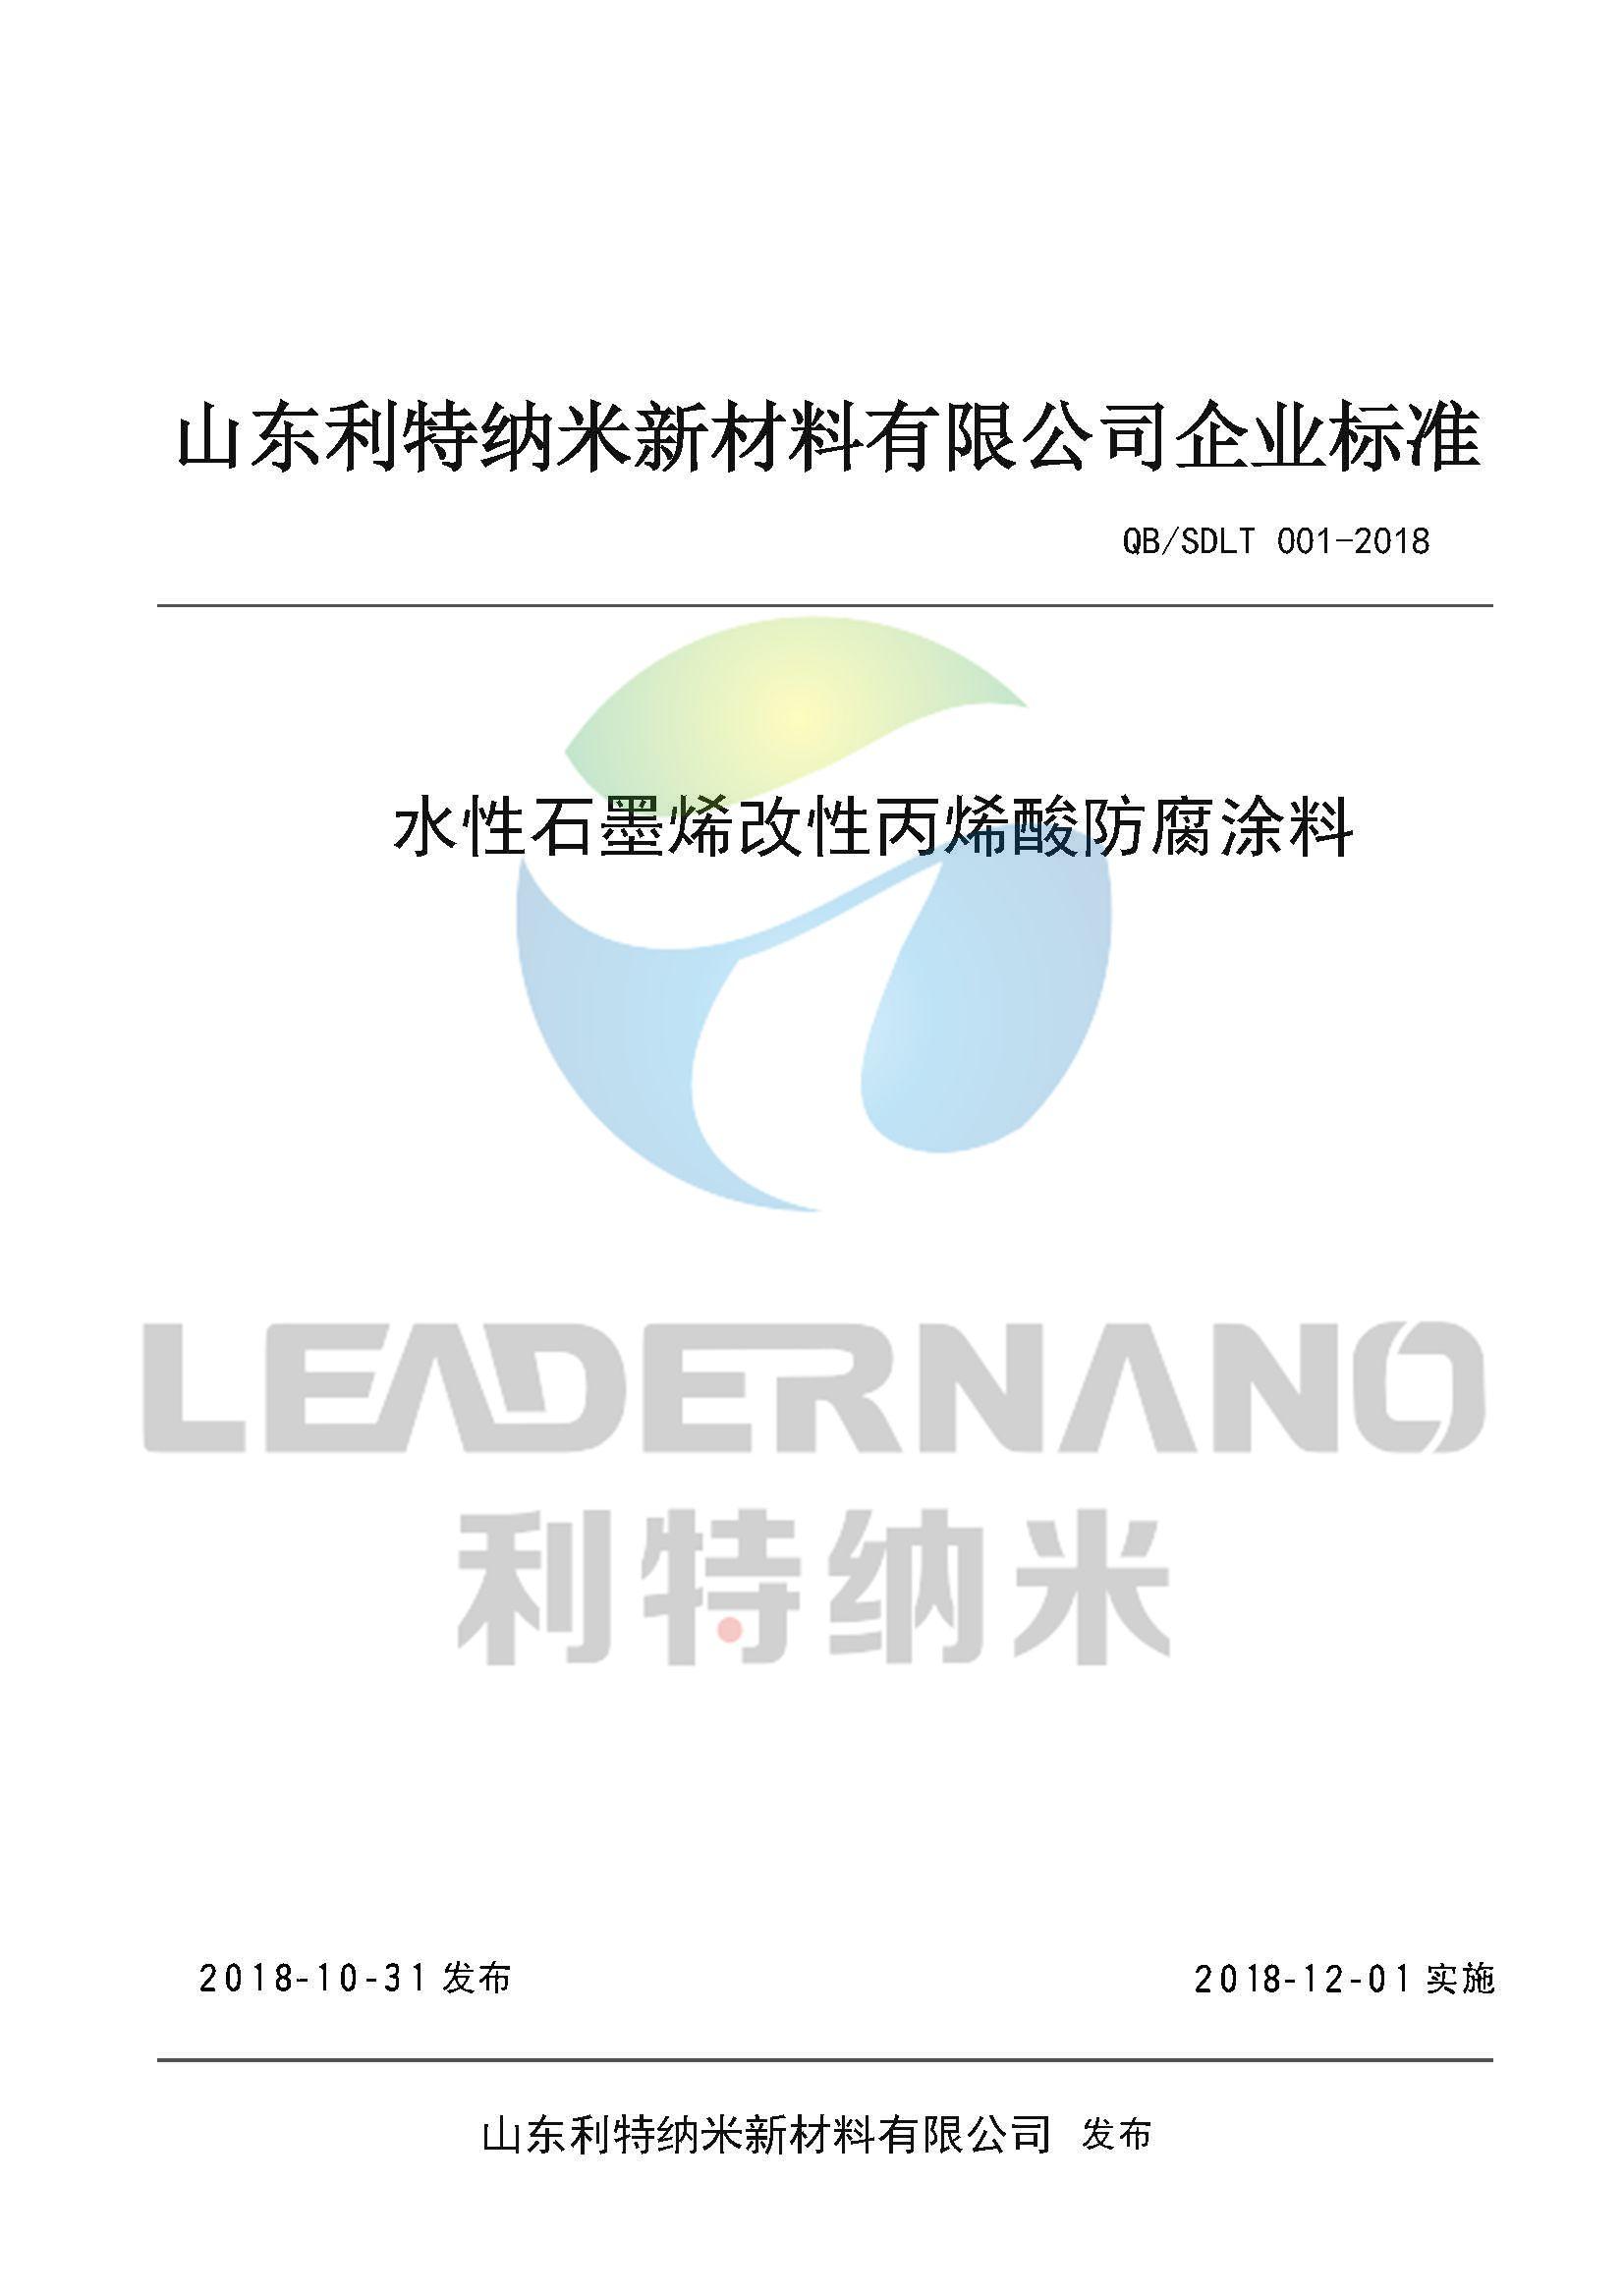 山东利特纳米新材料有限公司水性石墨烯改性丙烯酸防腐涂料标准